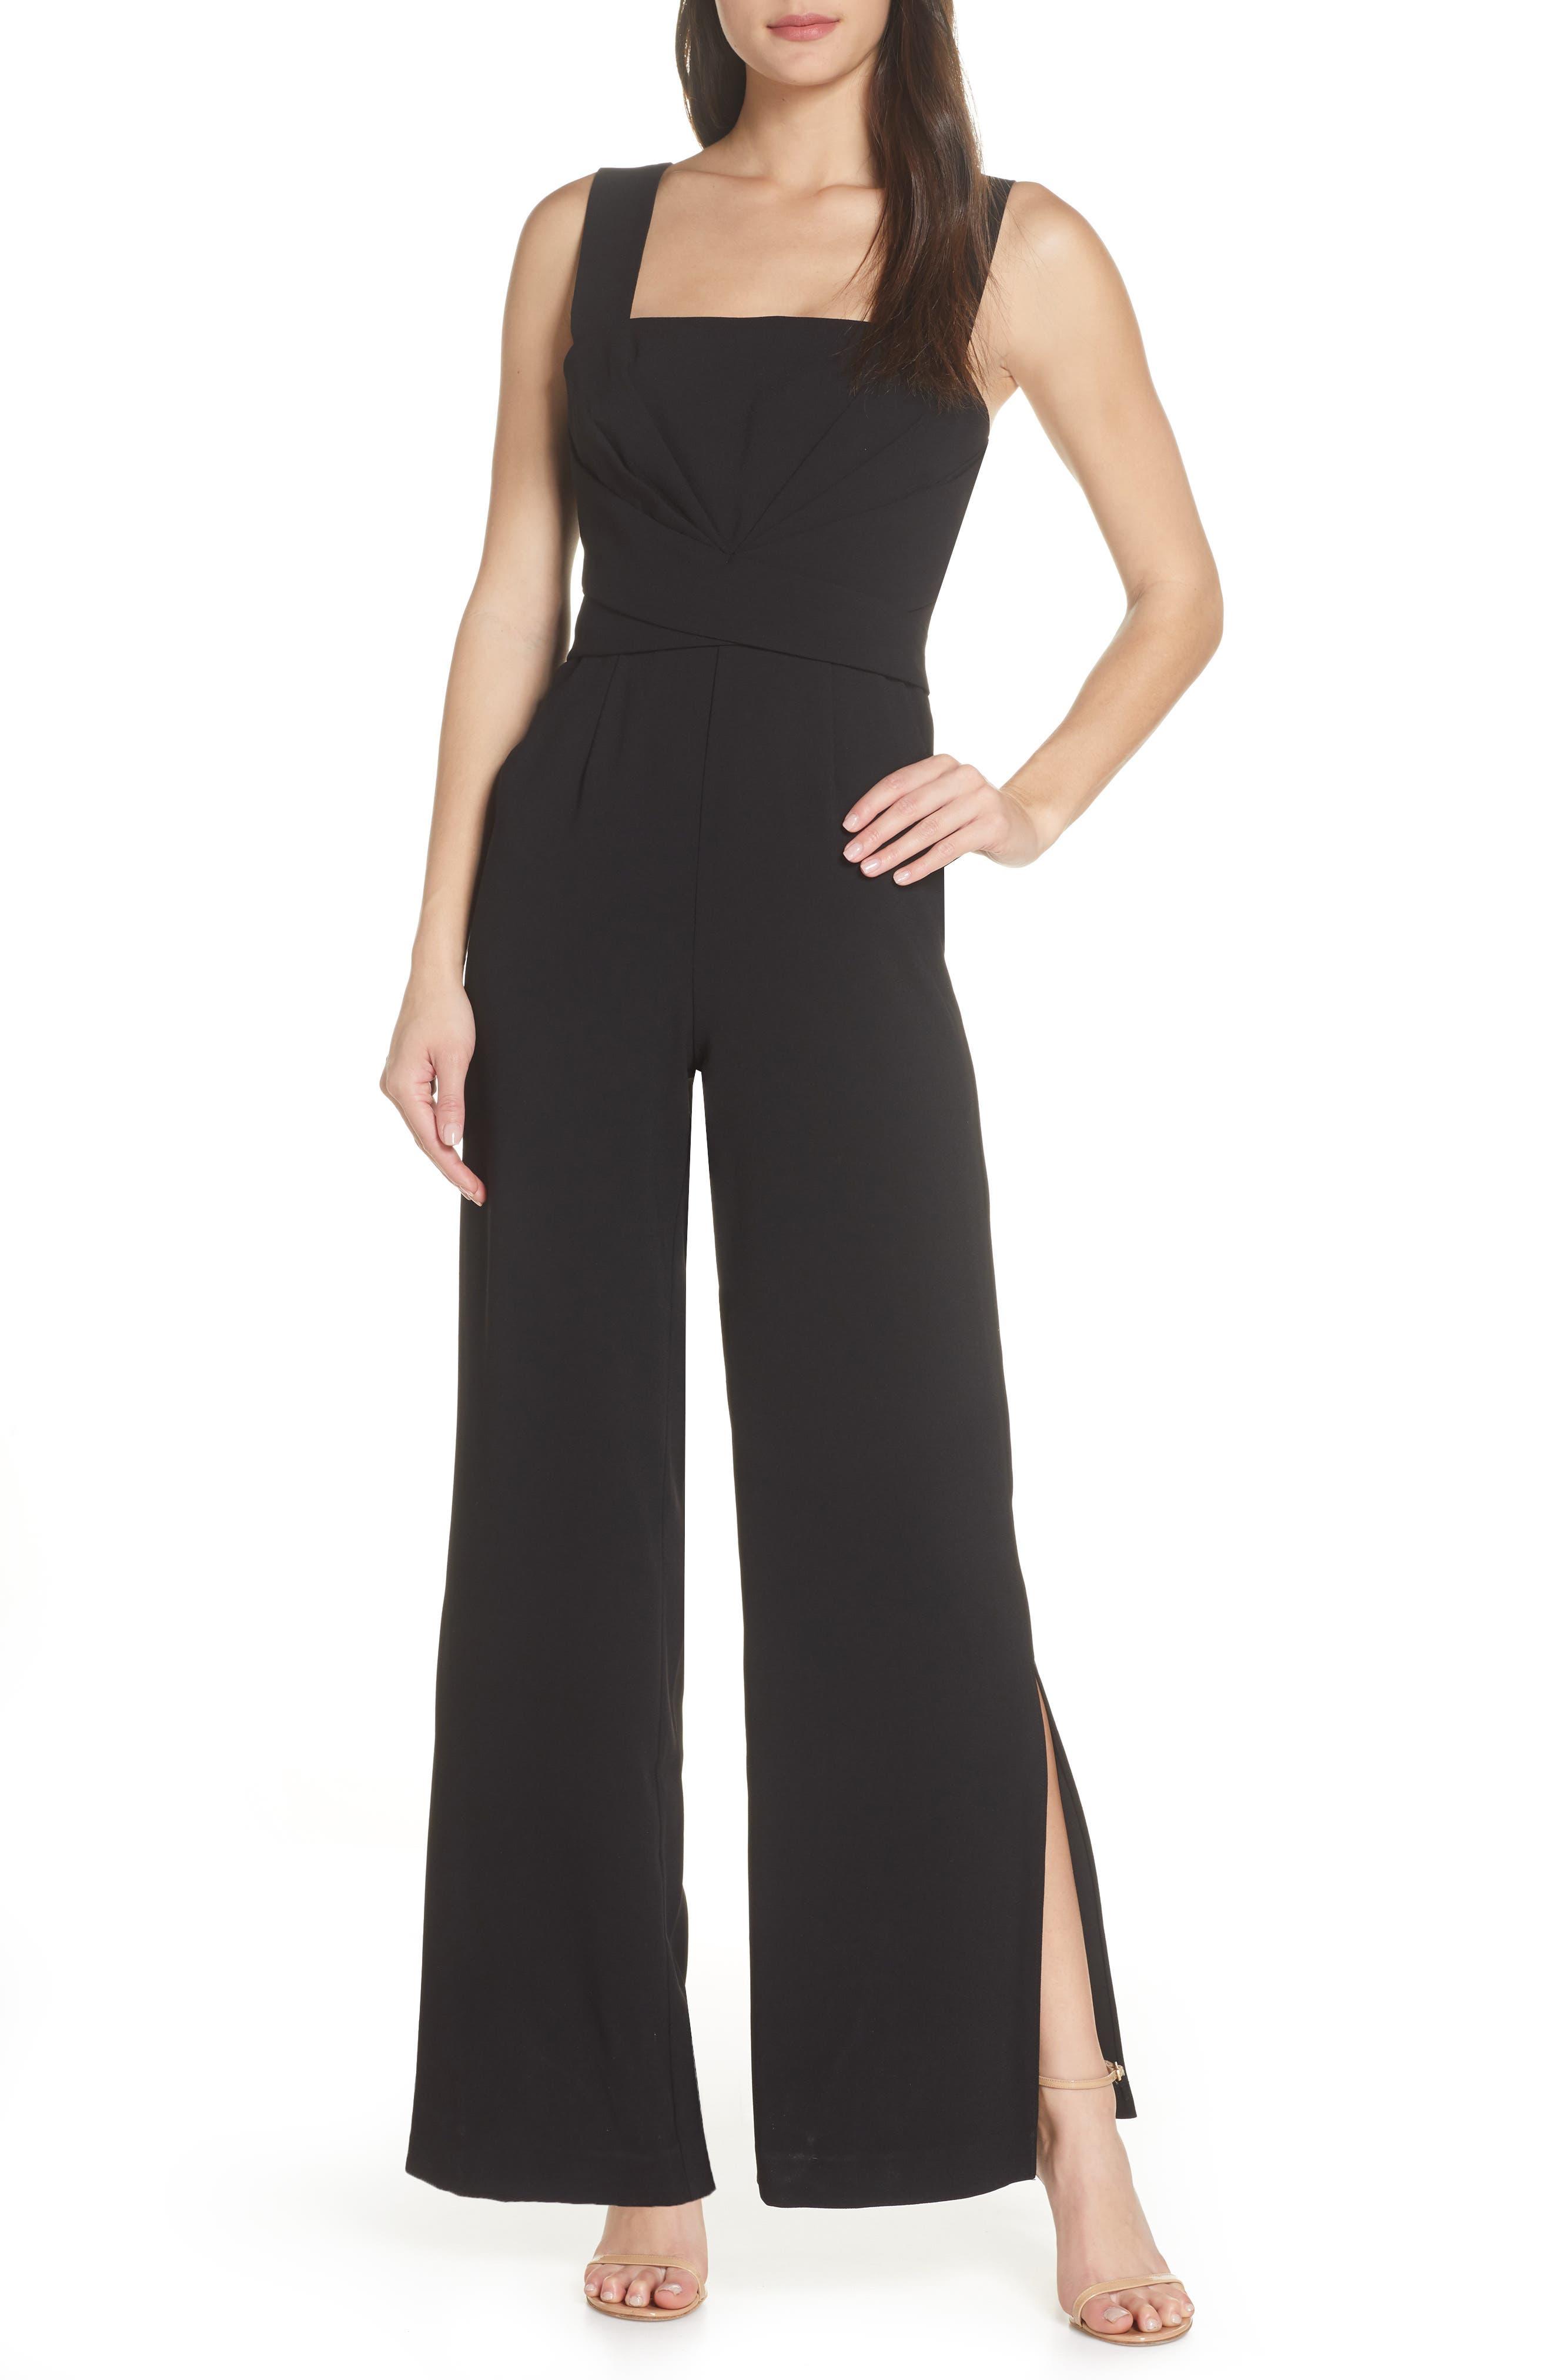 70s Jumpsuit | Disco Jumpsuits – Sequin, Striped, Gold, White, Black Womens Foxiedox Slit Leg Cocktail Jumpsuit $148.00 AT vintagedancer.com